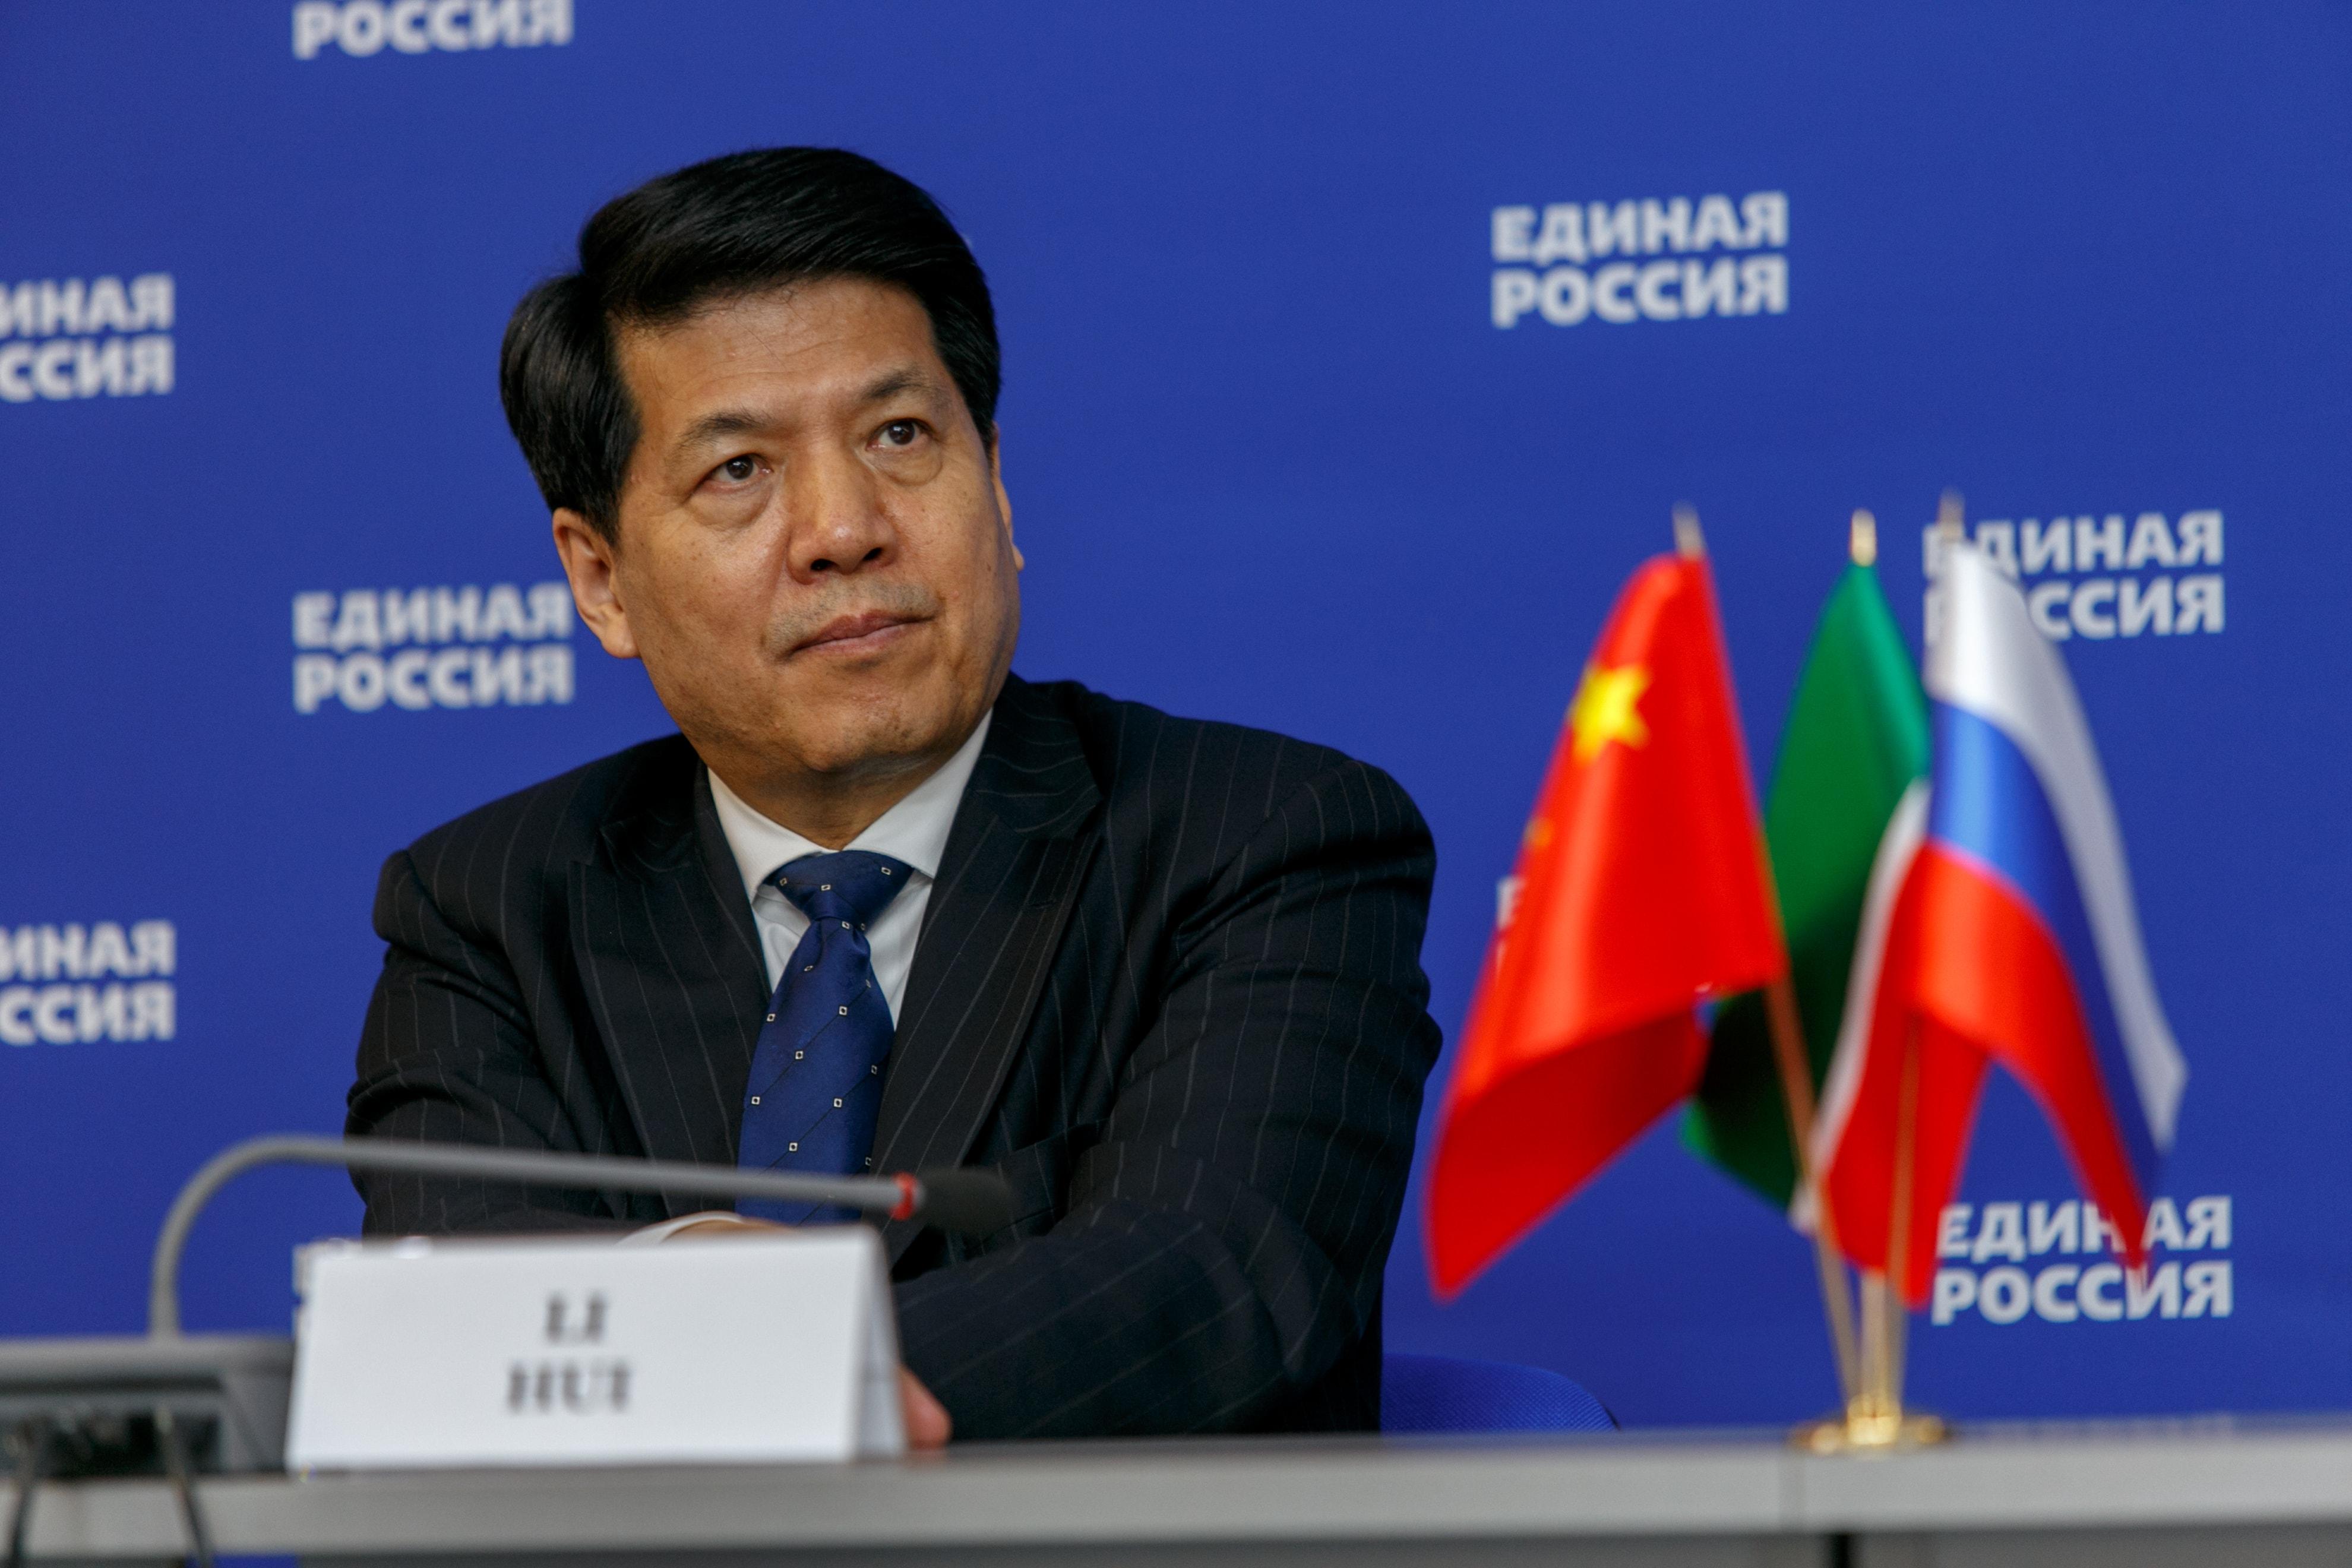 Компартия Китая и «Единая Россия» объединятся против внешних вызовов